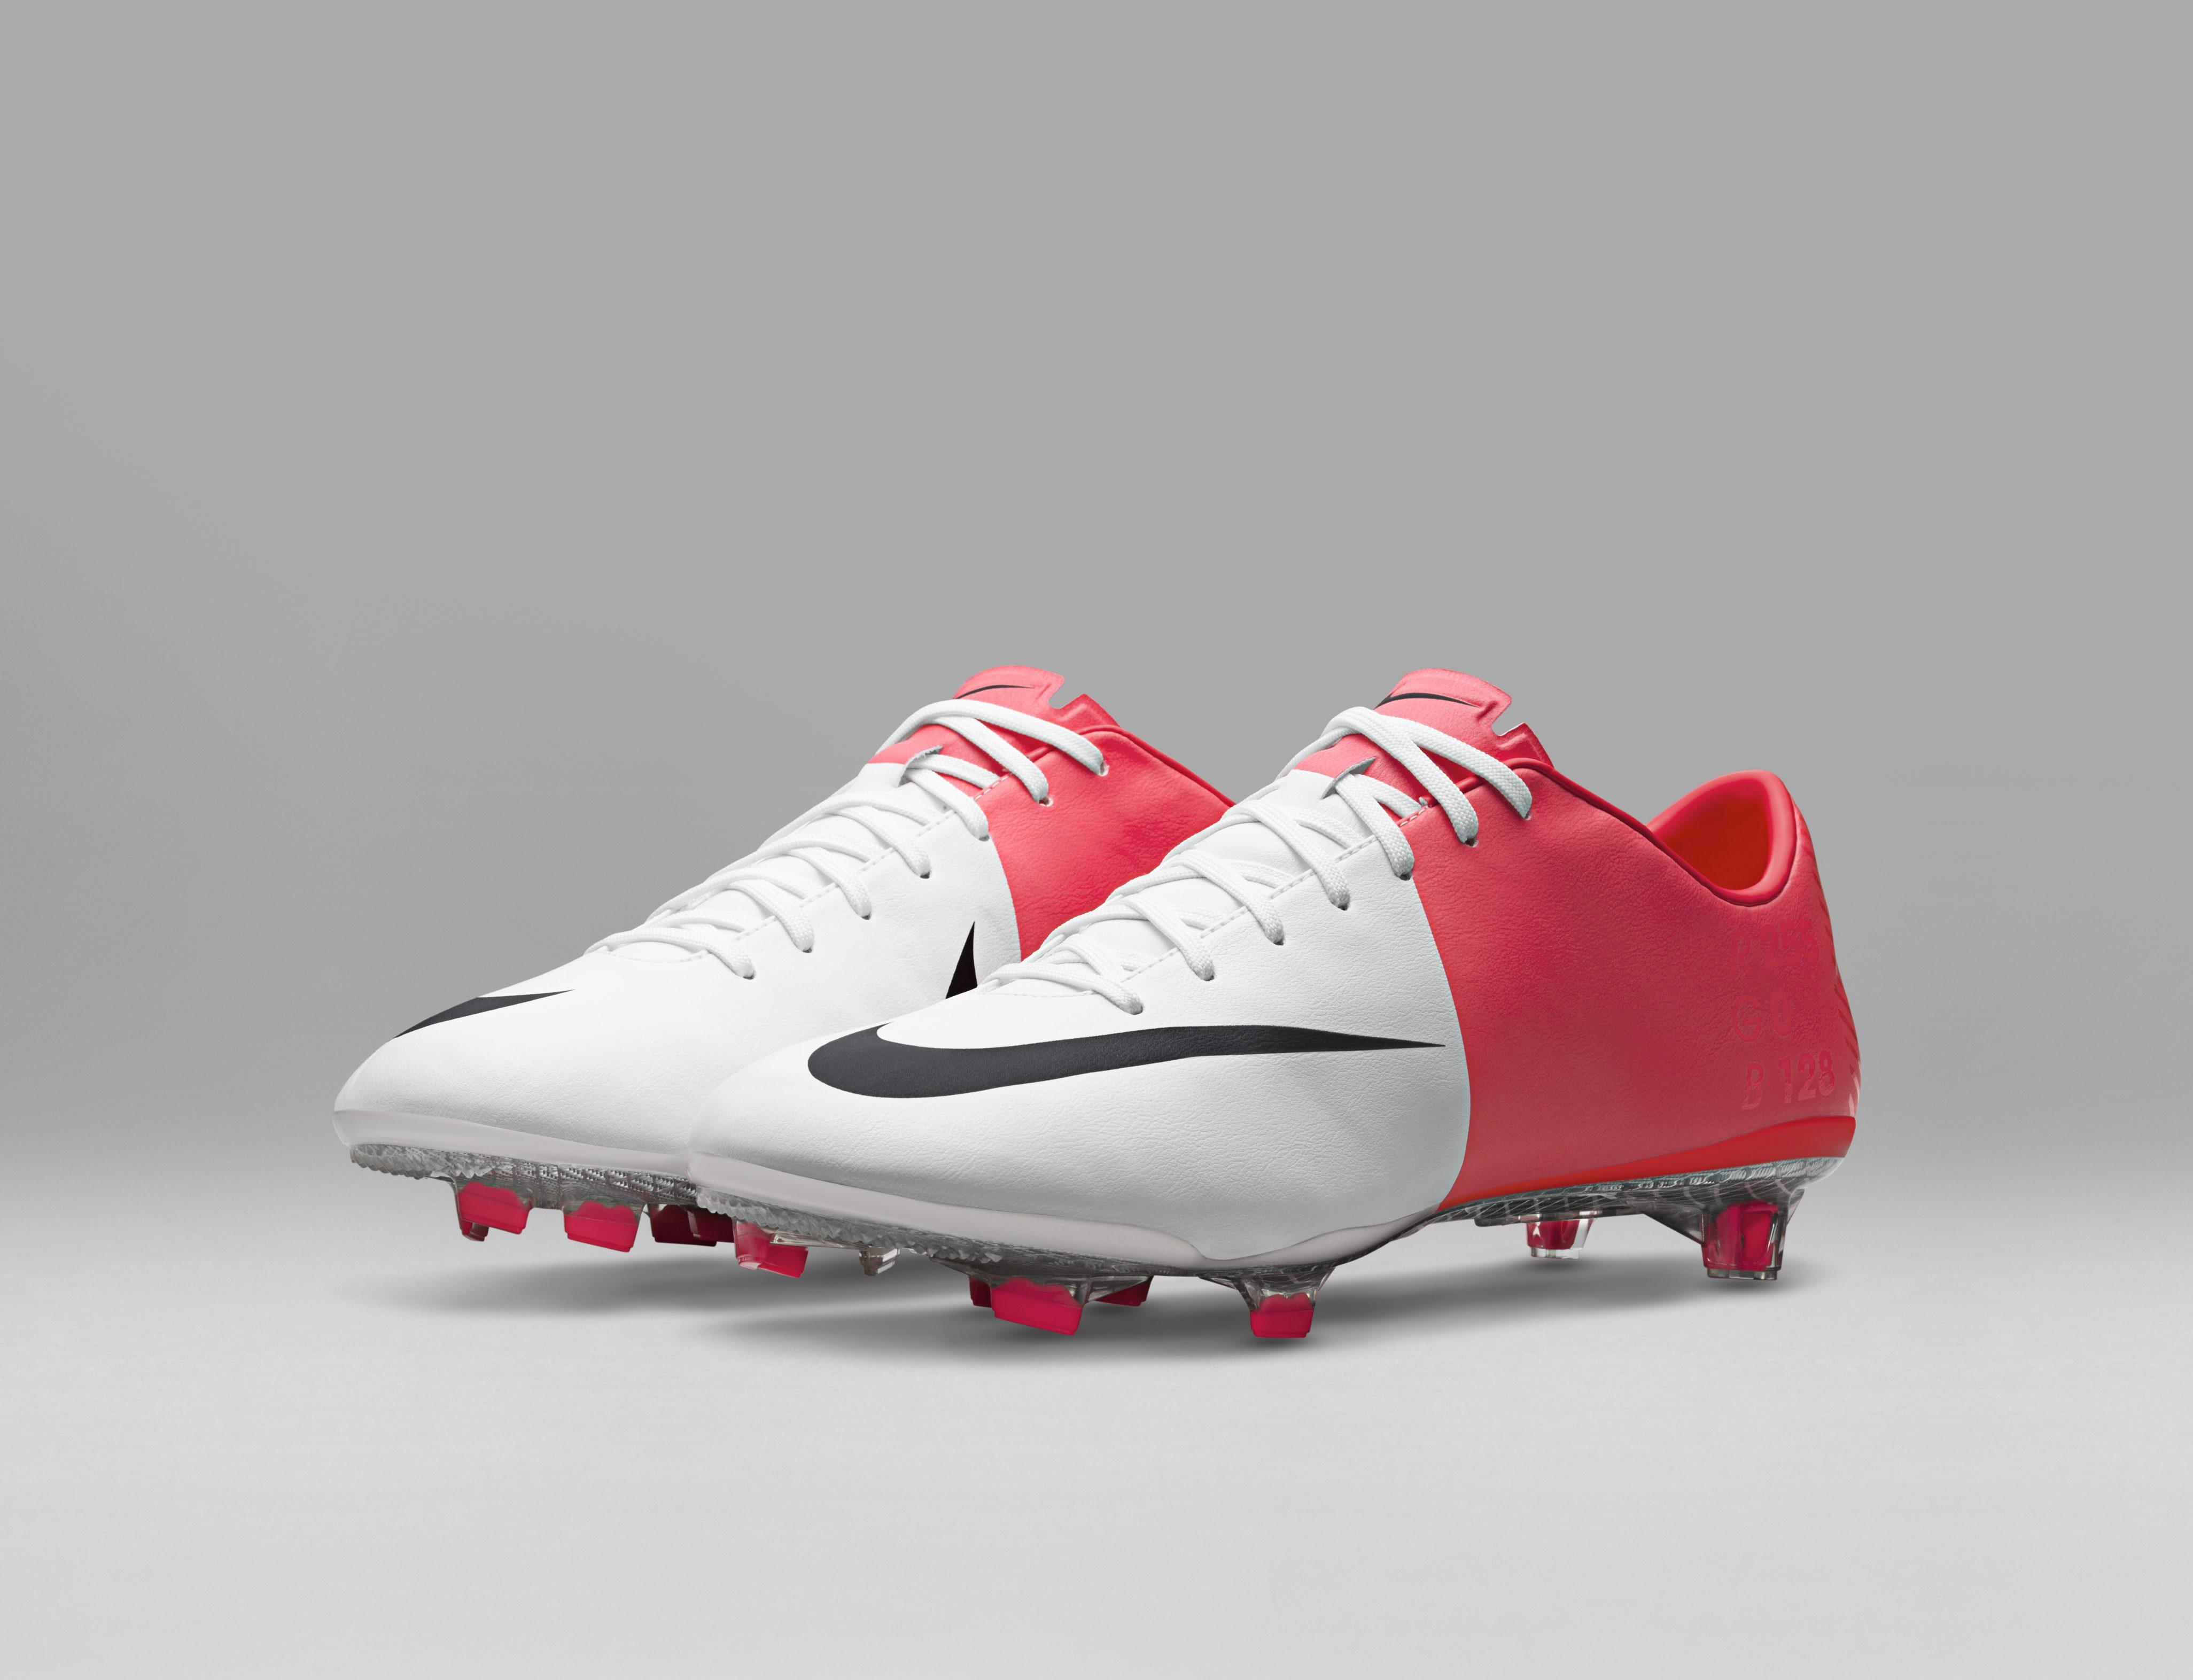 2012_Nike_Mercurial_Vapor_VIII_55735.jpg